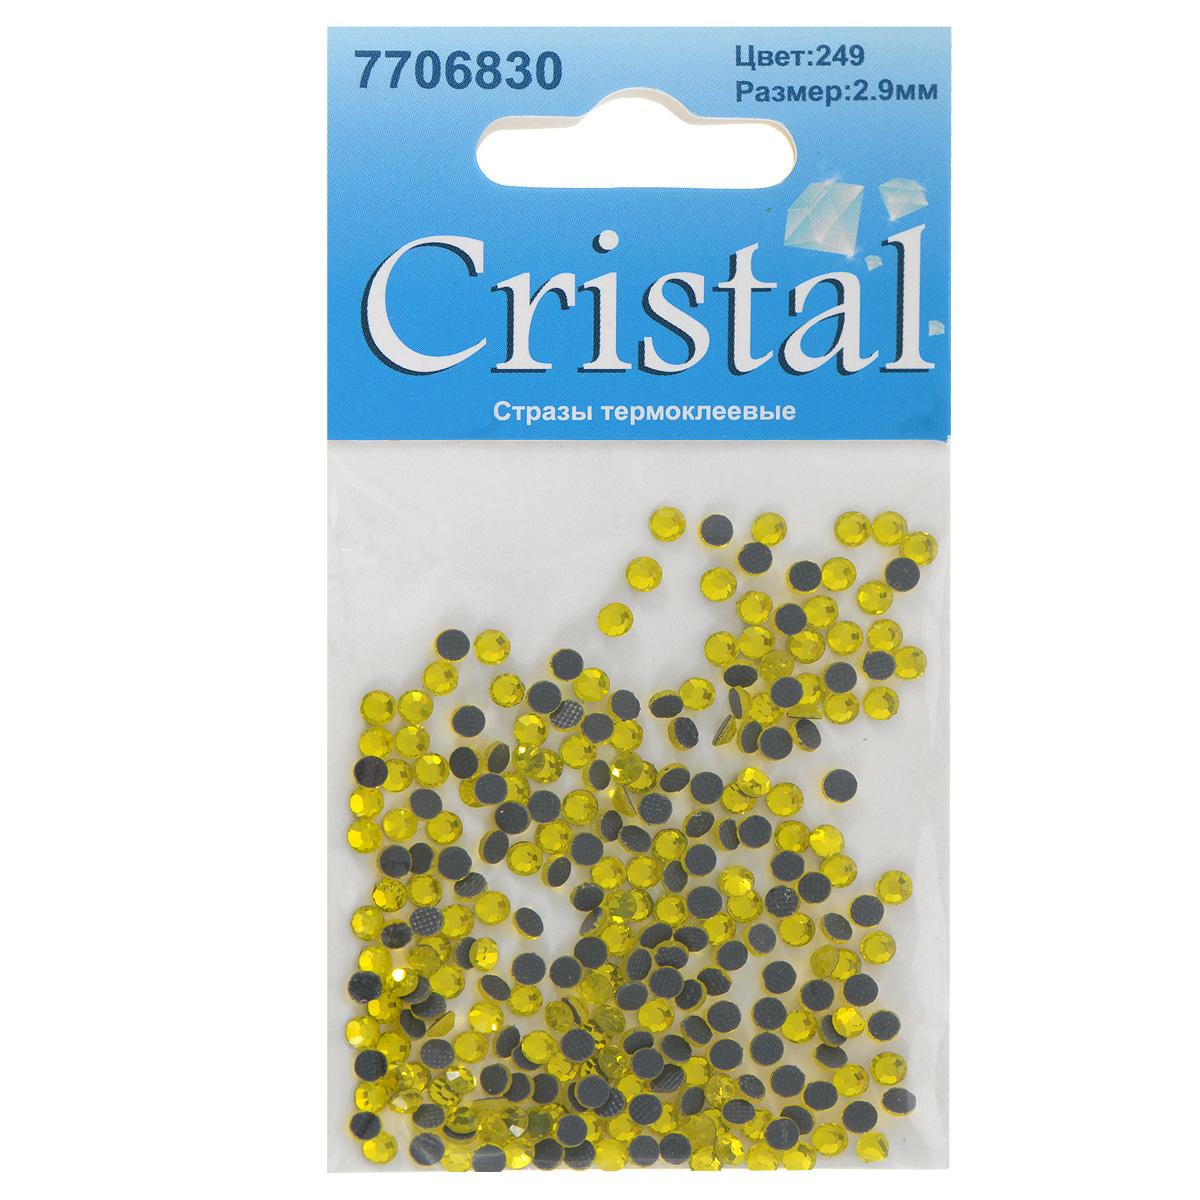 Стразы термоклеевые Cristal, цвет: желтый (249), диаметр 2,9 мм, 288 шт7706830_249Набор термоклеевых страз Cristal, изготовленный из высококачественного акрила, позволит вам украсить одежду, аксессуары или текстиль. Яркие стразы имеют плоское дно и круглую поверхность с гранями. Дно термоклеевых страз уже обработано особым клеем, который под воздействием высоких температур начинает плавиться, приклеиваясь, таким образом, к требуемой поверхности. Чаще всего их используют в текстильной промышленности: стразы прикладывают к ткани и проглаживают утюгом с обратной стороны. Также можно использовать специальный паяльник. Украшение стразами поможет сделать любую вещь оригинальной и неповторимой. Диаметр страз: 2,9 мм.